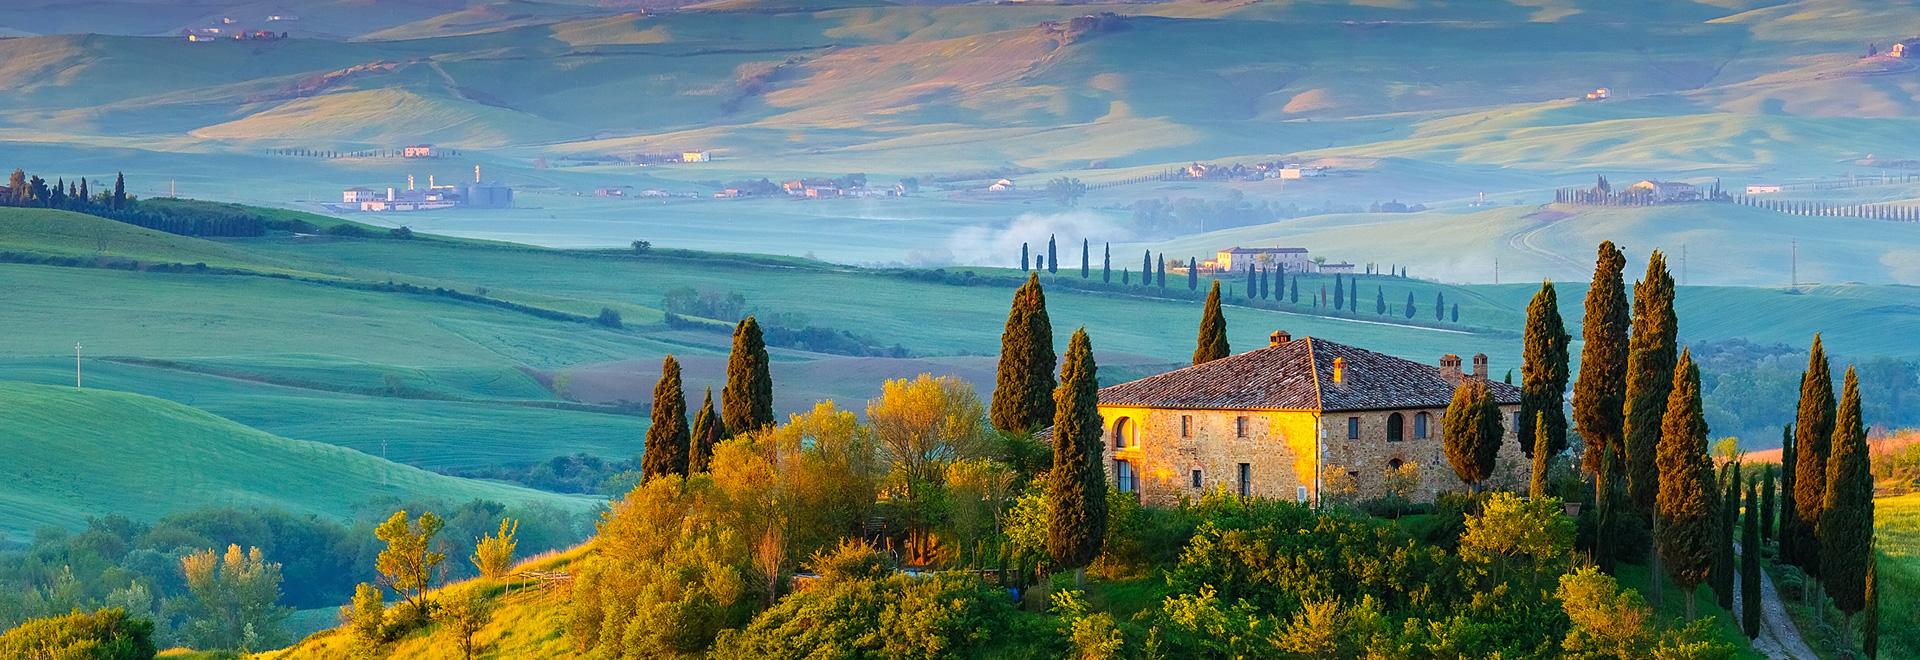 BestOfItaly_Tuscany